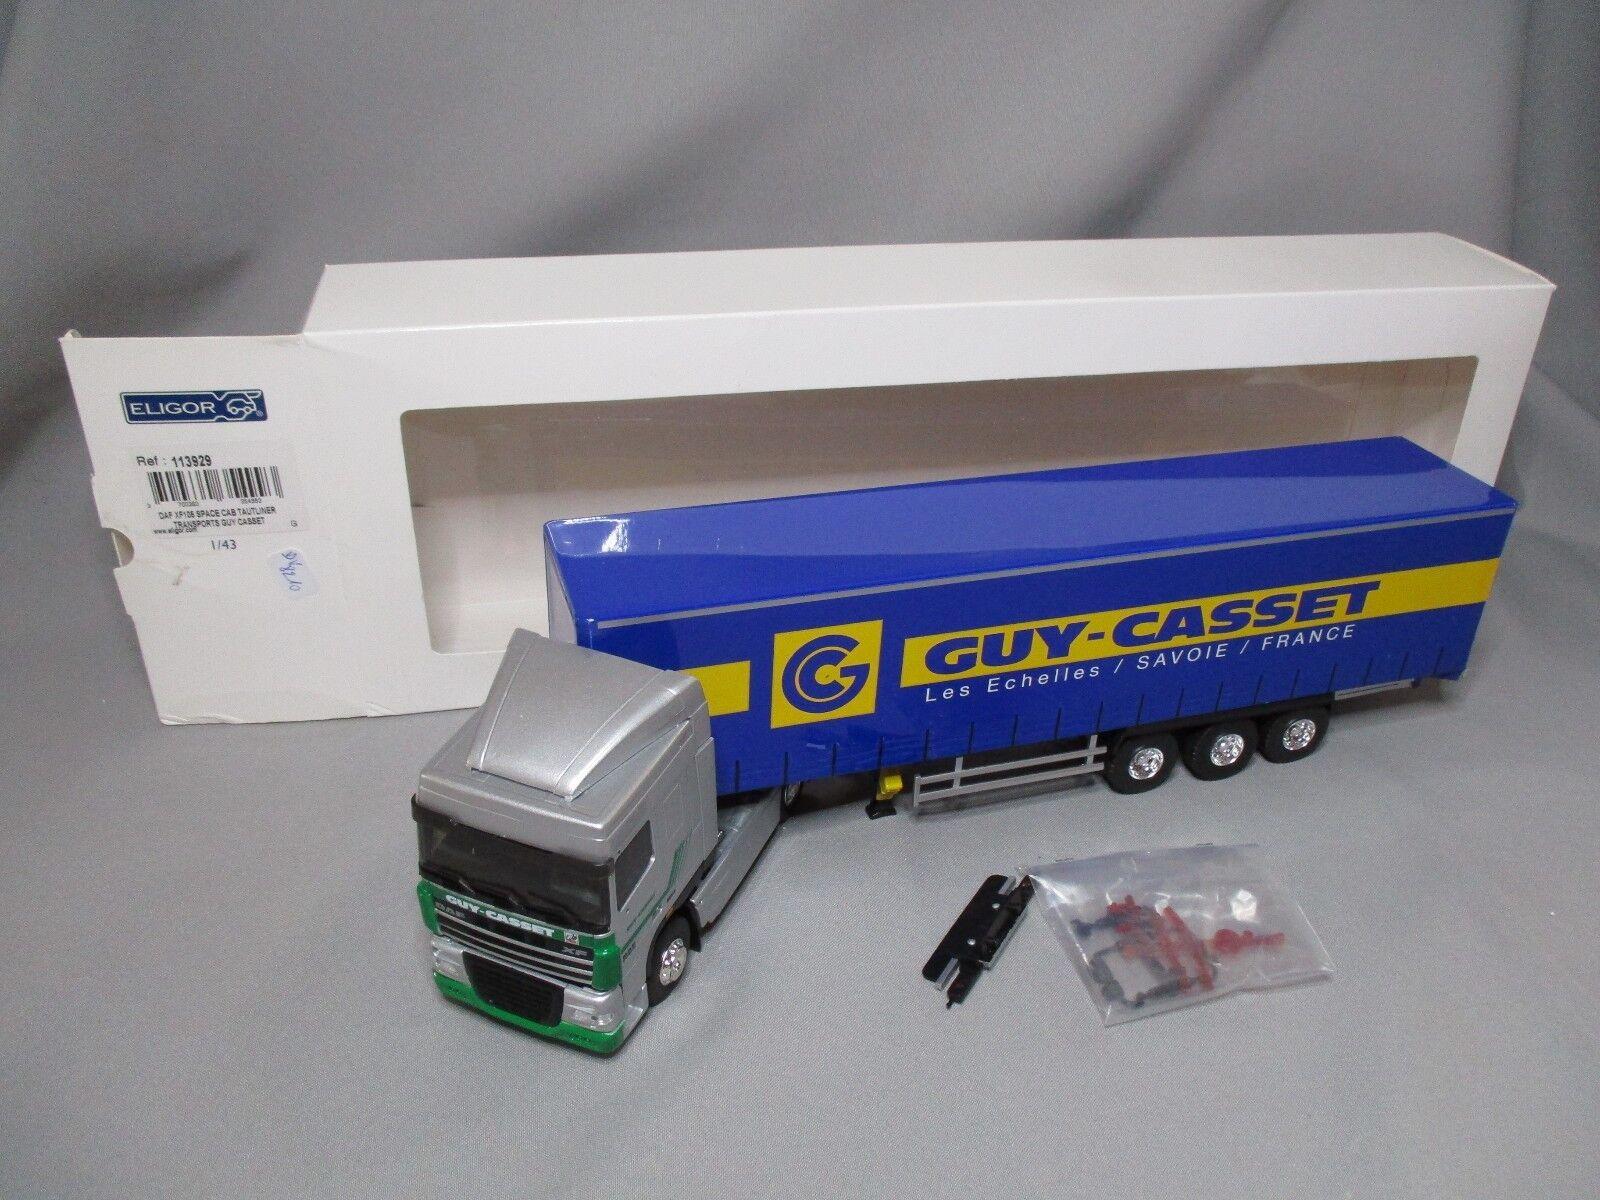 Eligor 1 43 daf dv8210 xf105 space cab semi fridge guy casset 113929